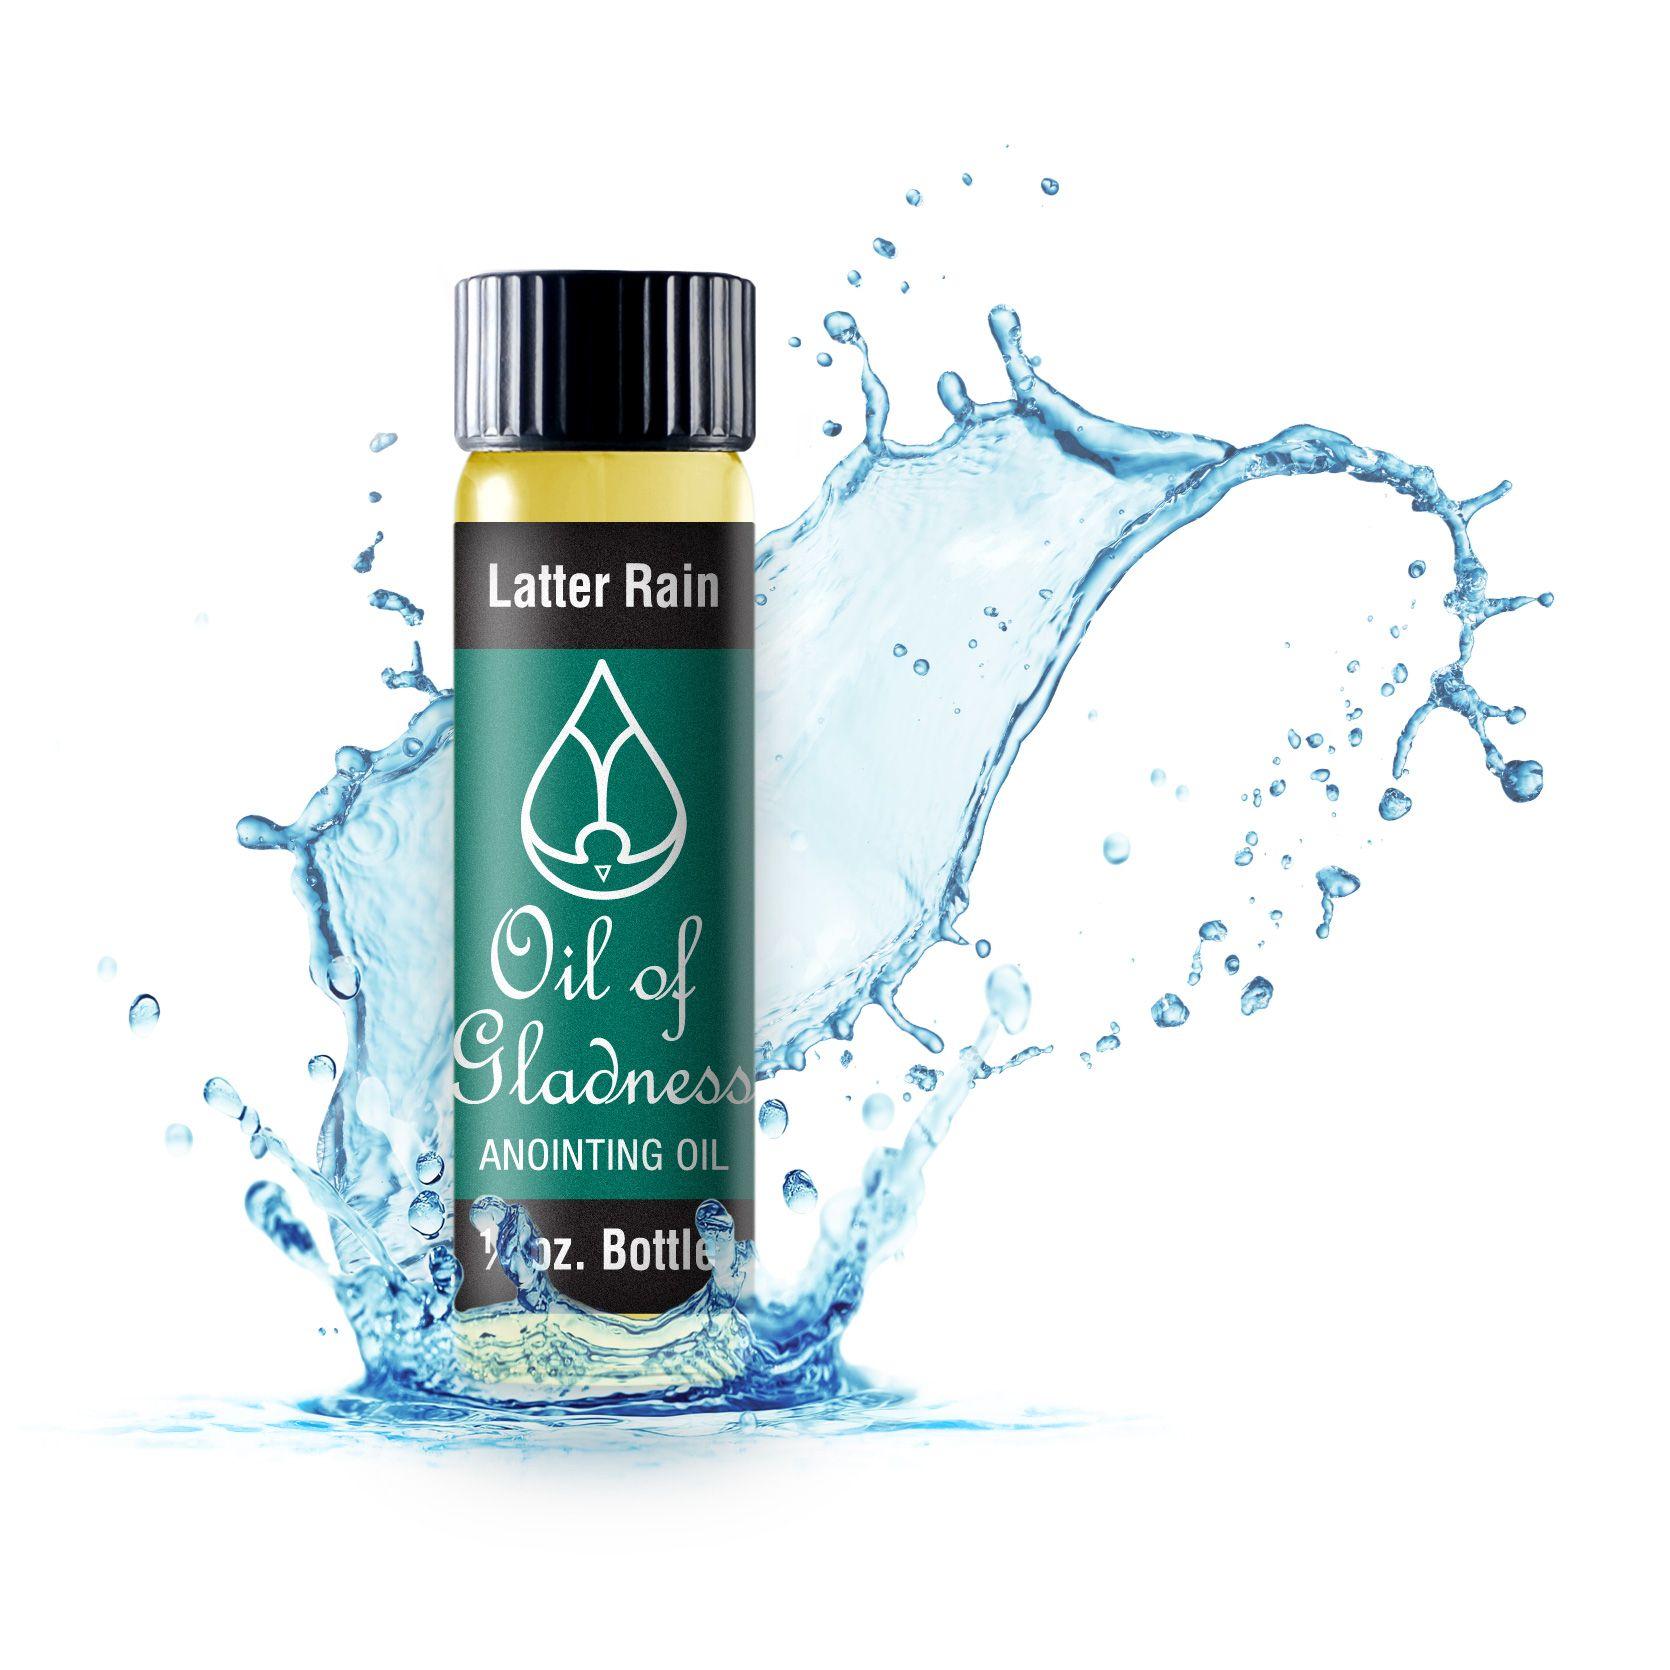 1/4 ounce Latter Rain Oil gifts, Oils, Bottle